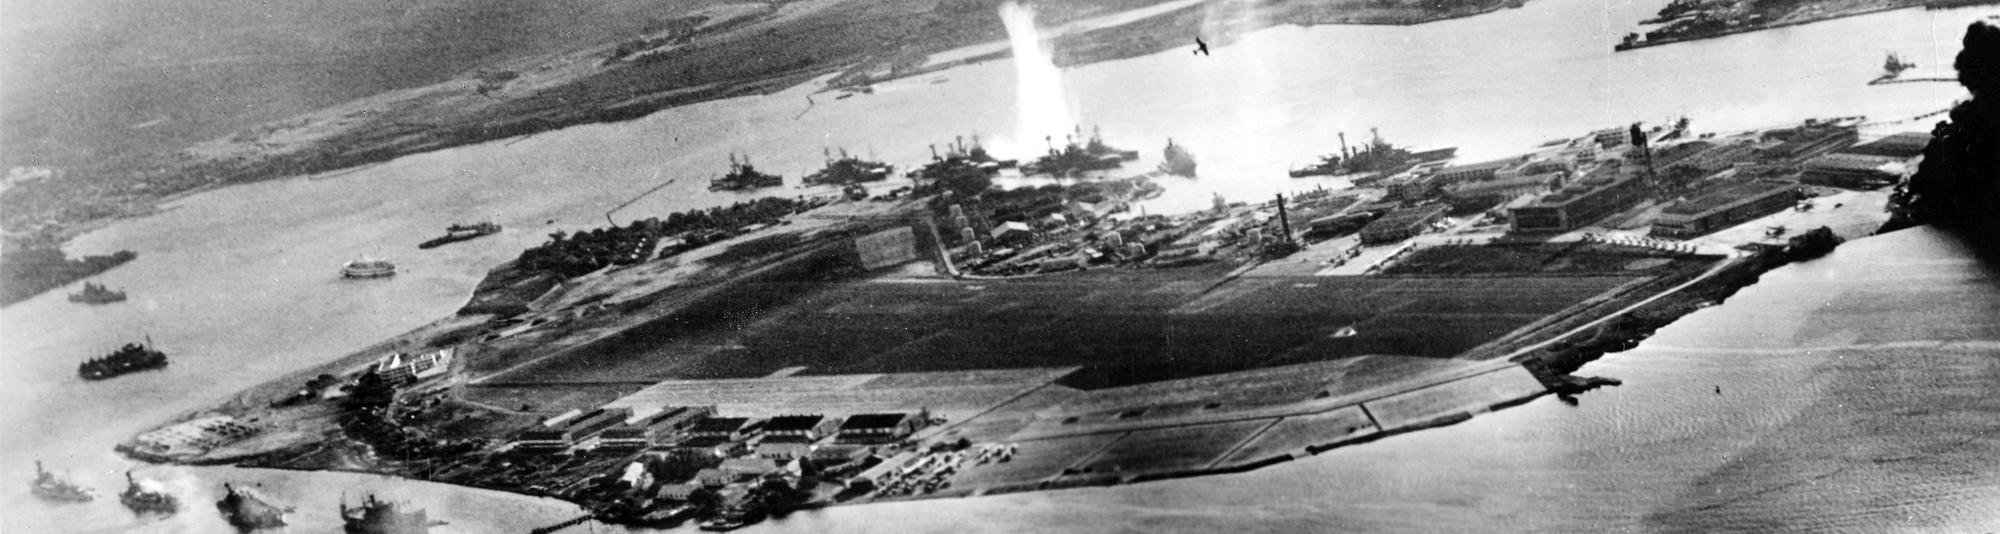 Fotografía de Pearl Harbor tomada desde un avión japonés al comienzo del ataque. Se ve la explosión de un torpedo en el West Virginia.